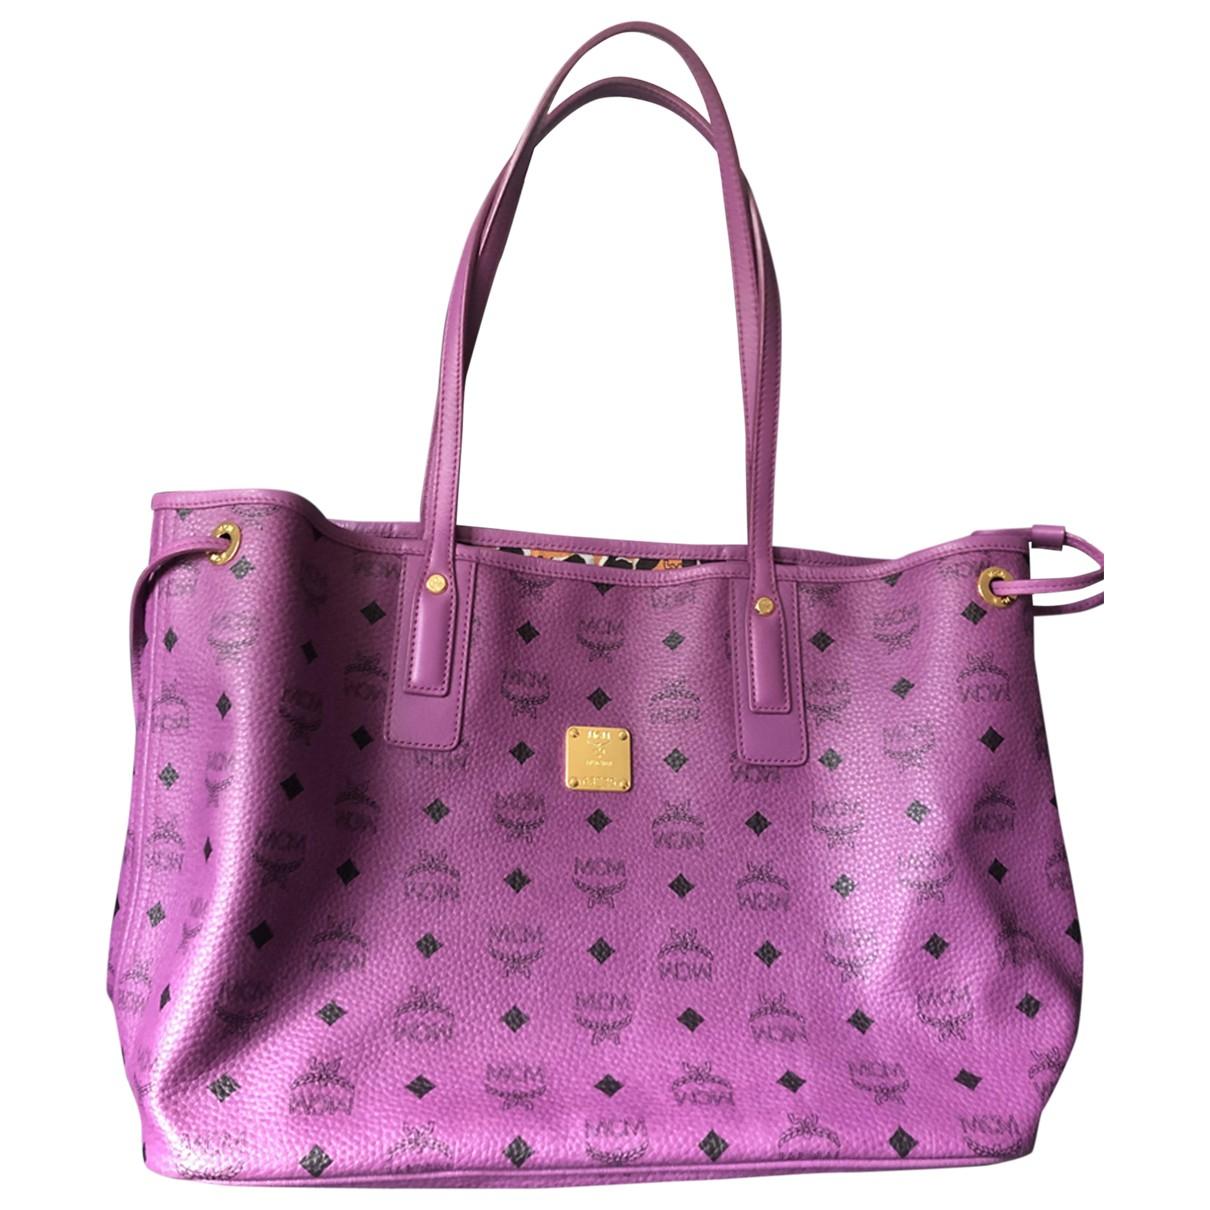 Mcm Anya Handtasche in  Lila Leder